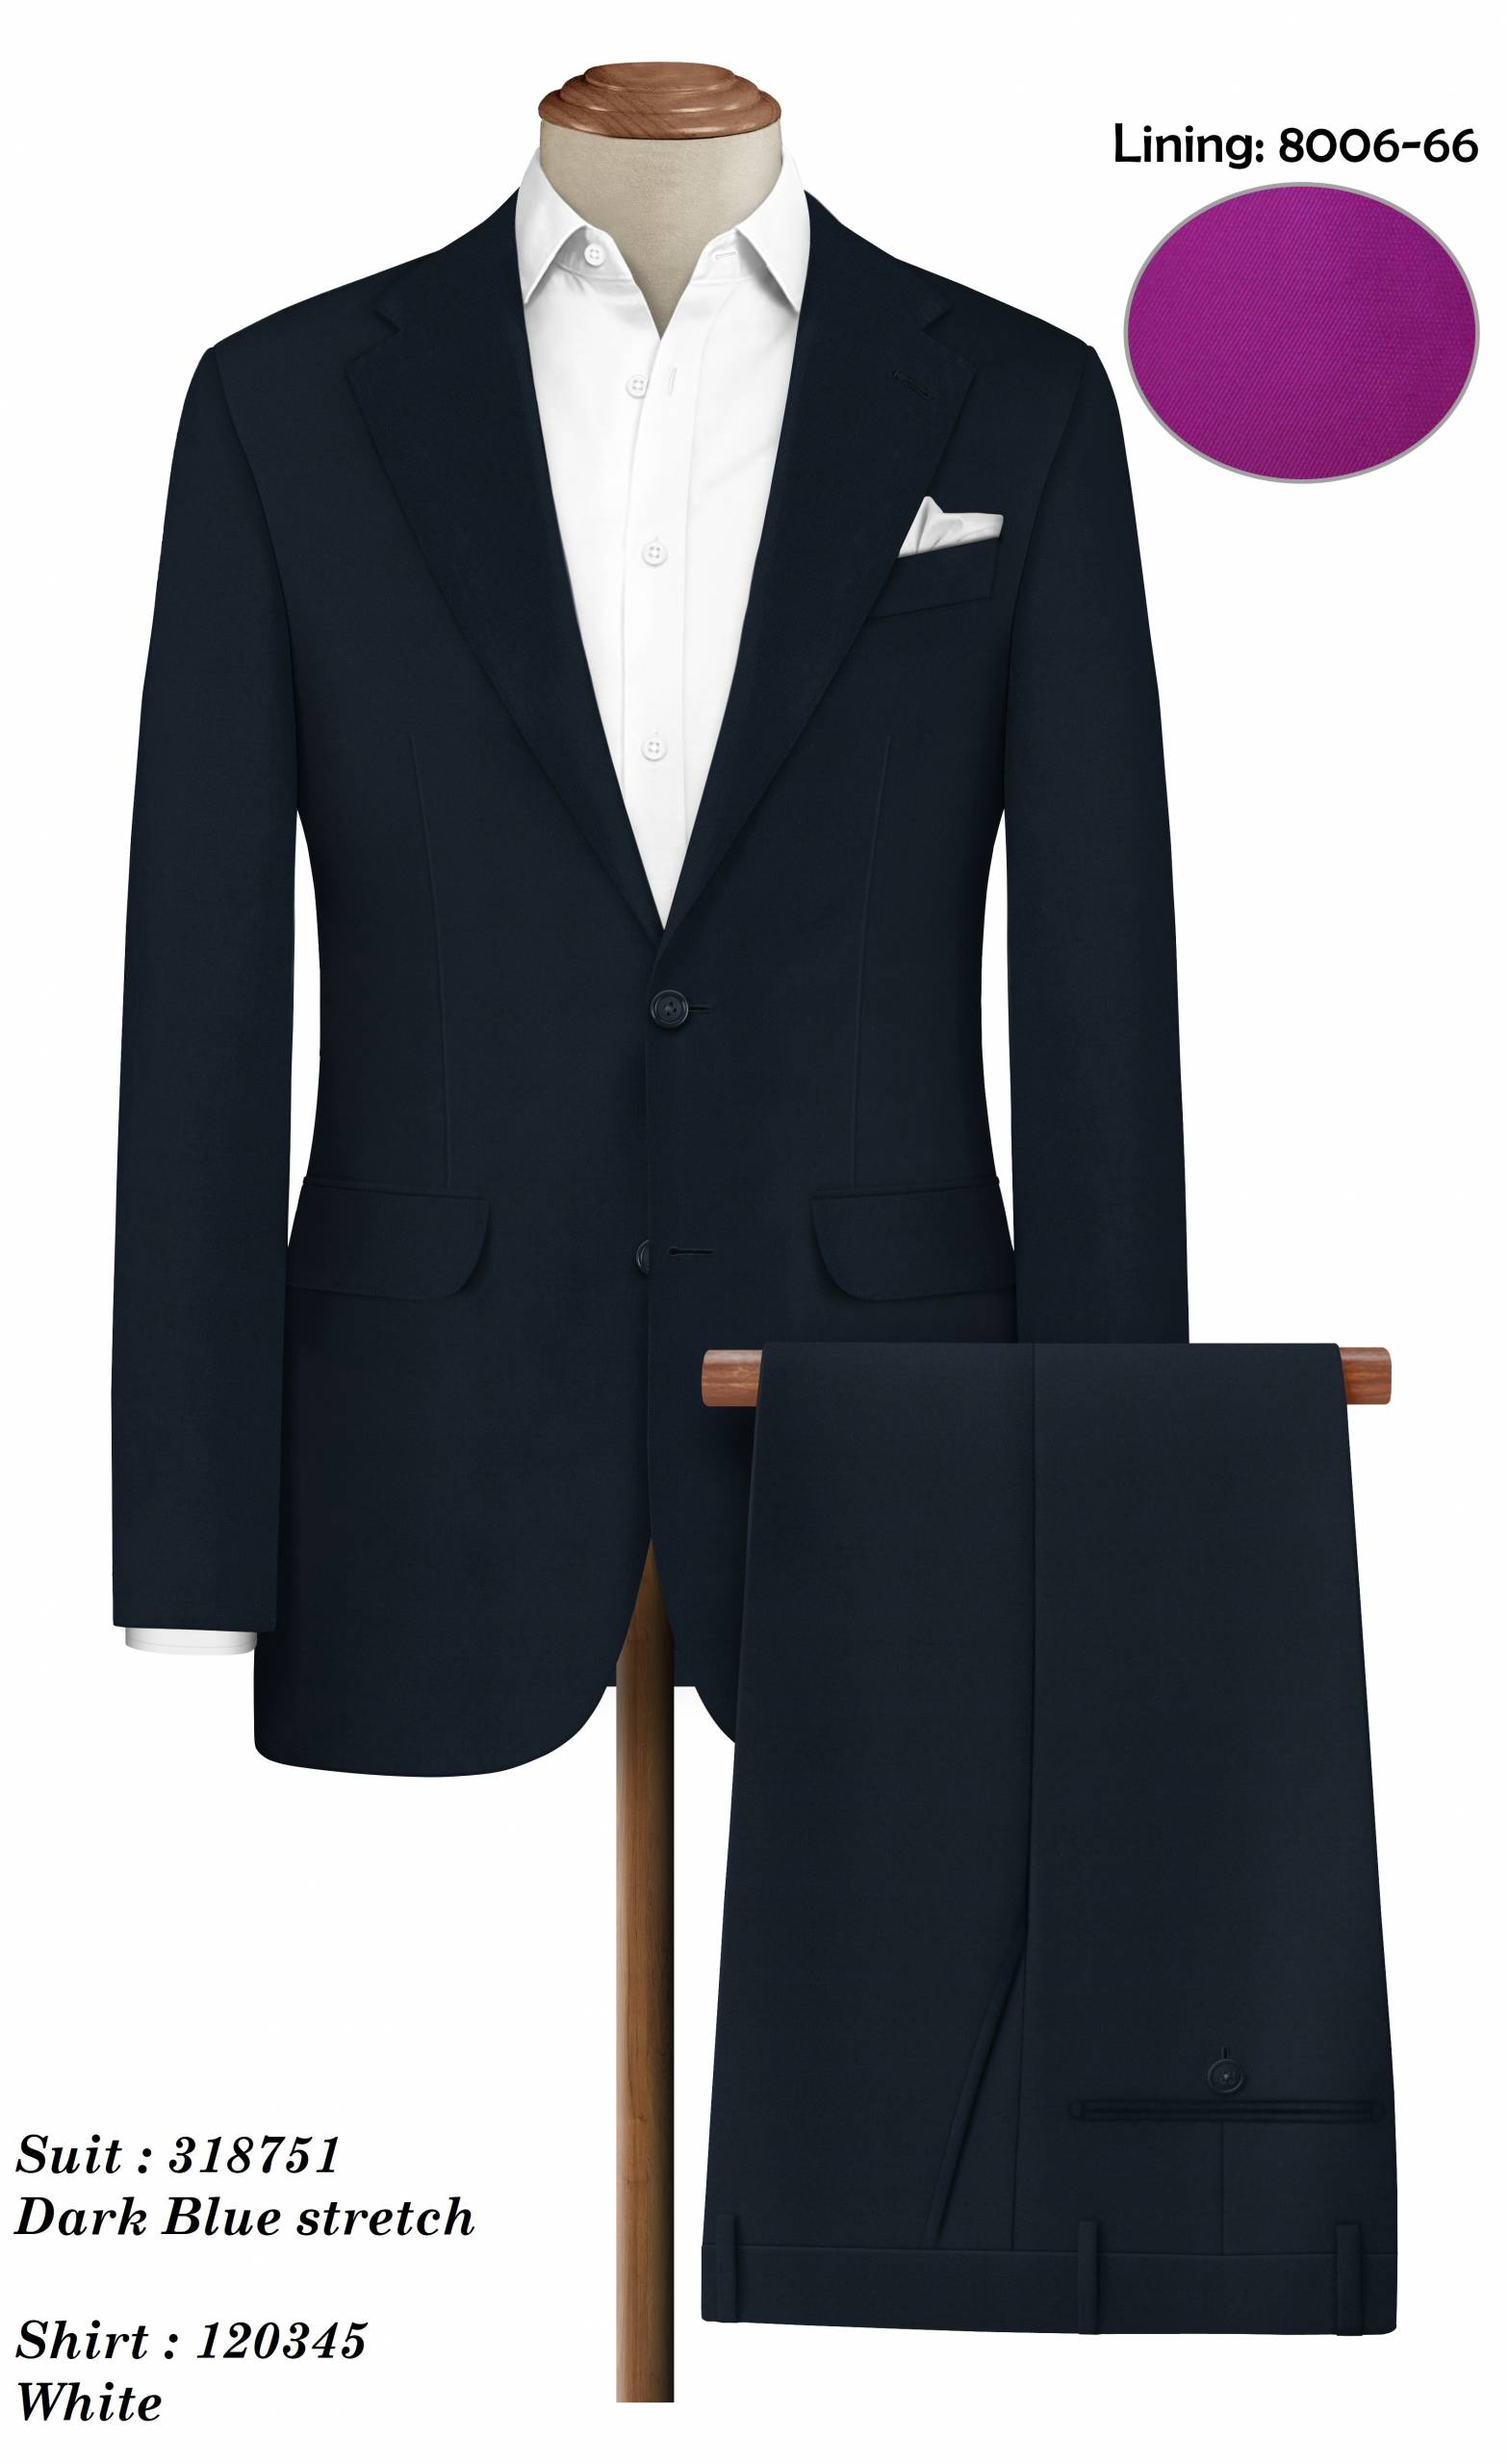 (90) 318751_suit